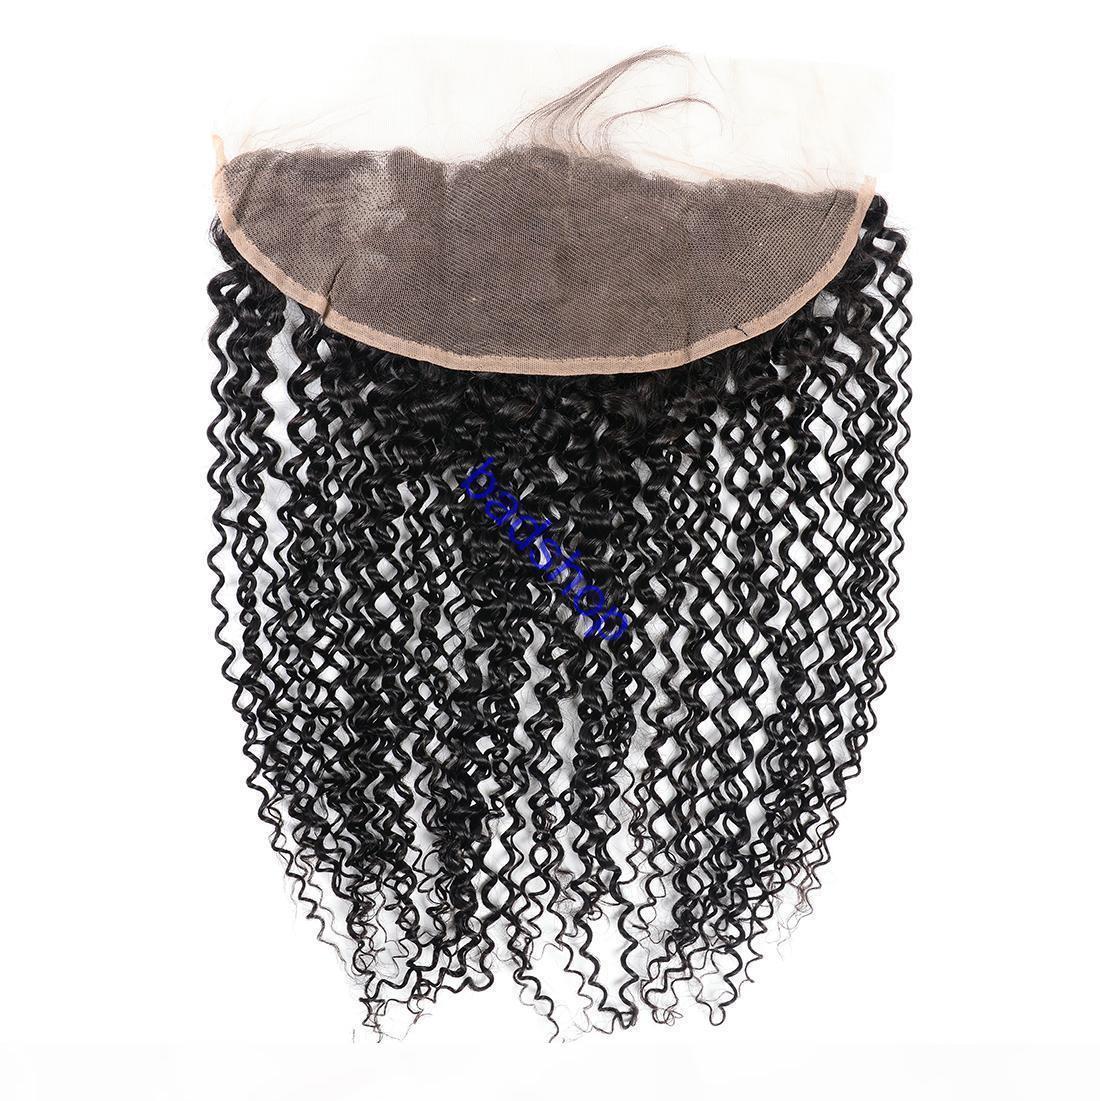 10A de dentelle Frontal fermeture Brazlian Pérou Indien Malais Mongolie cheveux crépus bouclés Wave Wave oreille à l'oreille 13x4 Dentelle Frontal Fermeture